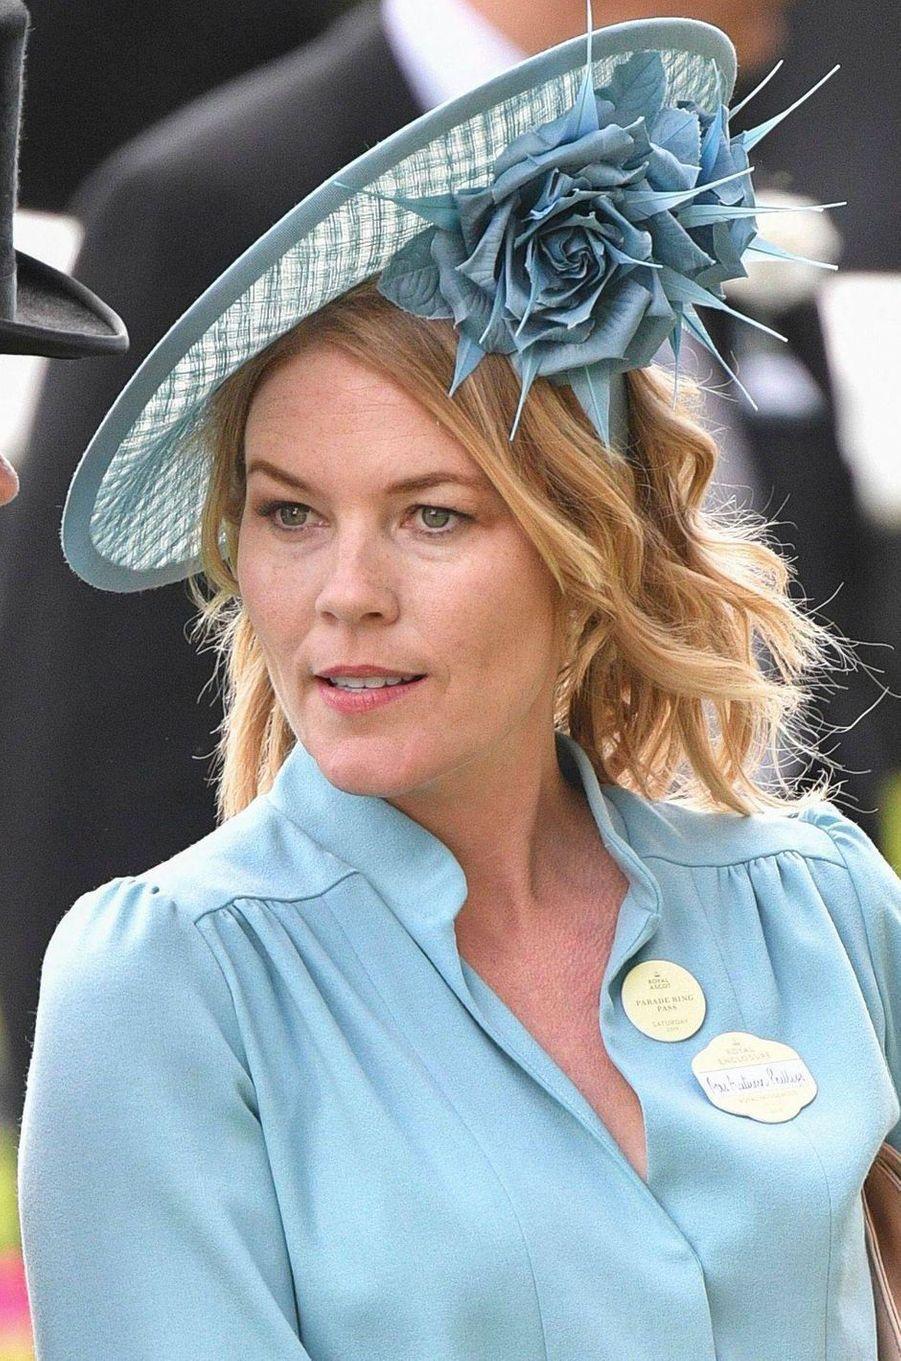 Le chapeau d'Autumn Phillips au Royal Ascot, le 22 juin 2019